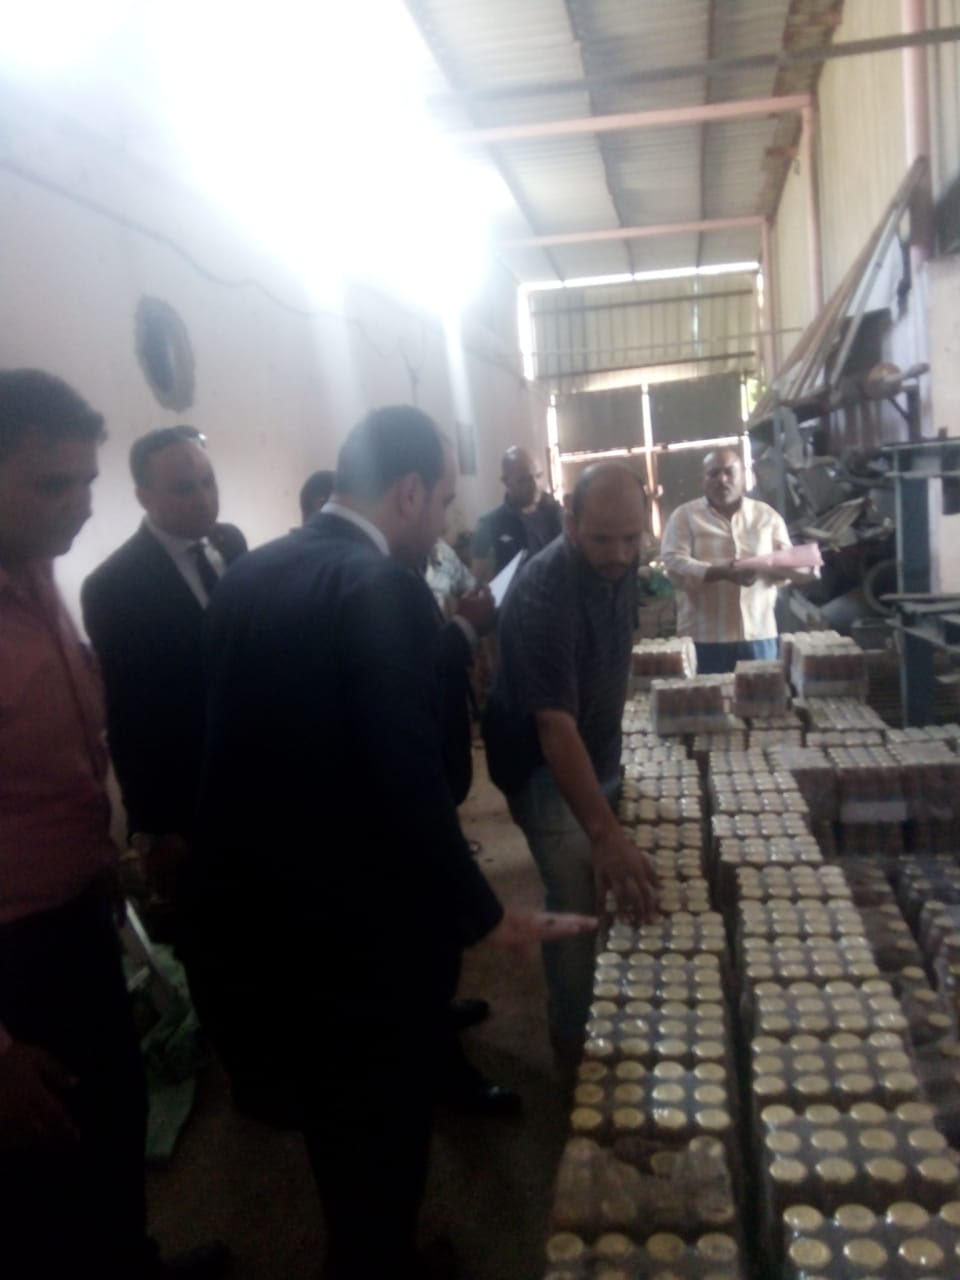 ضبط منتجات حلوى  منتهيه الصلاحية  اثناء اعادة تدويرها  لطرحها بالاسواق (13)